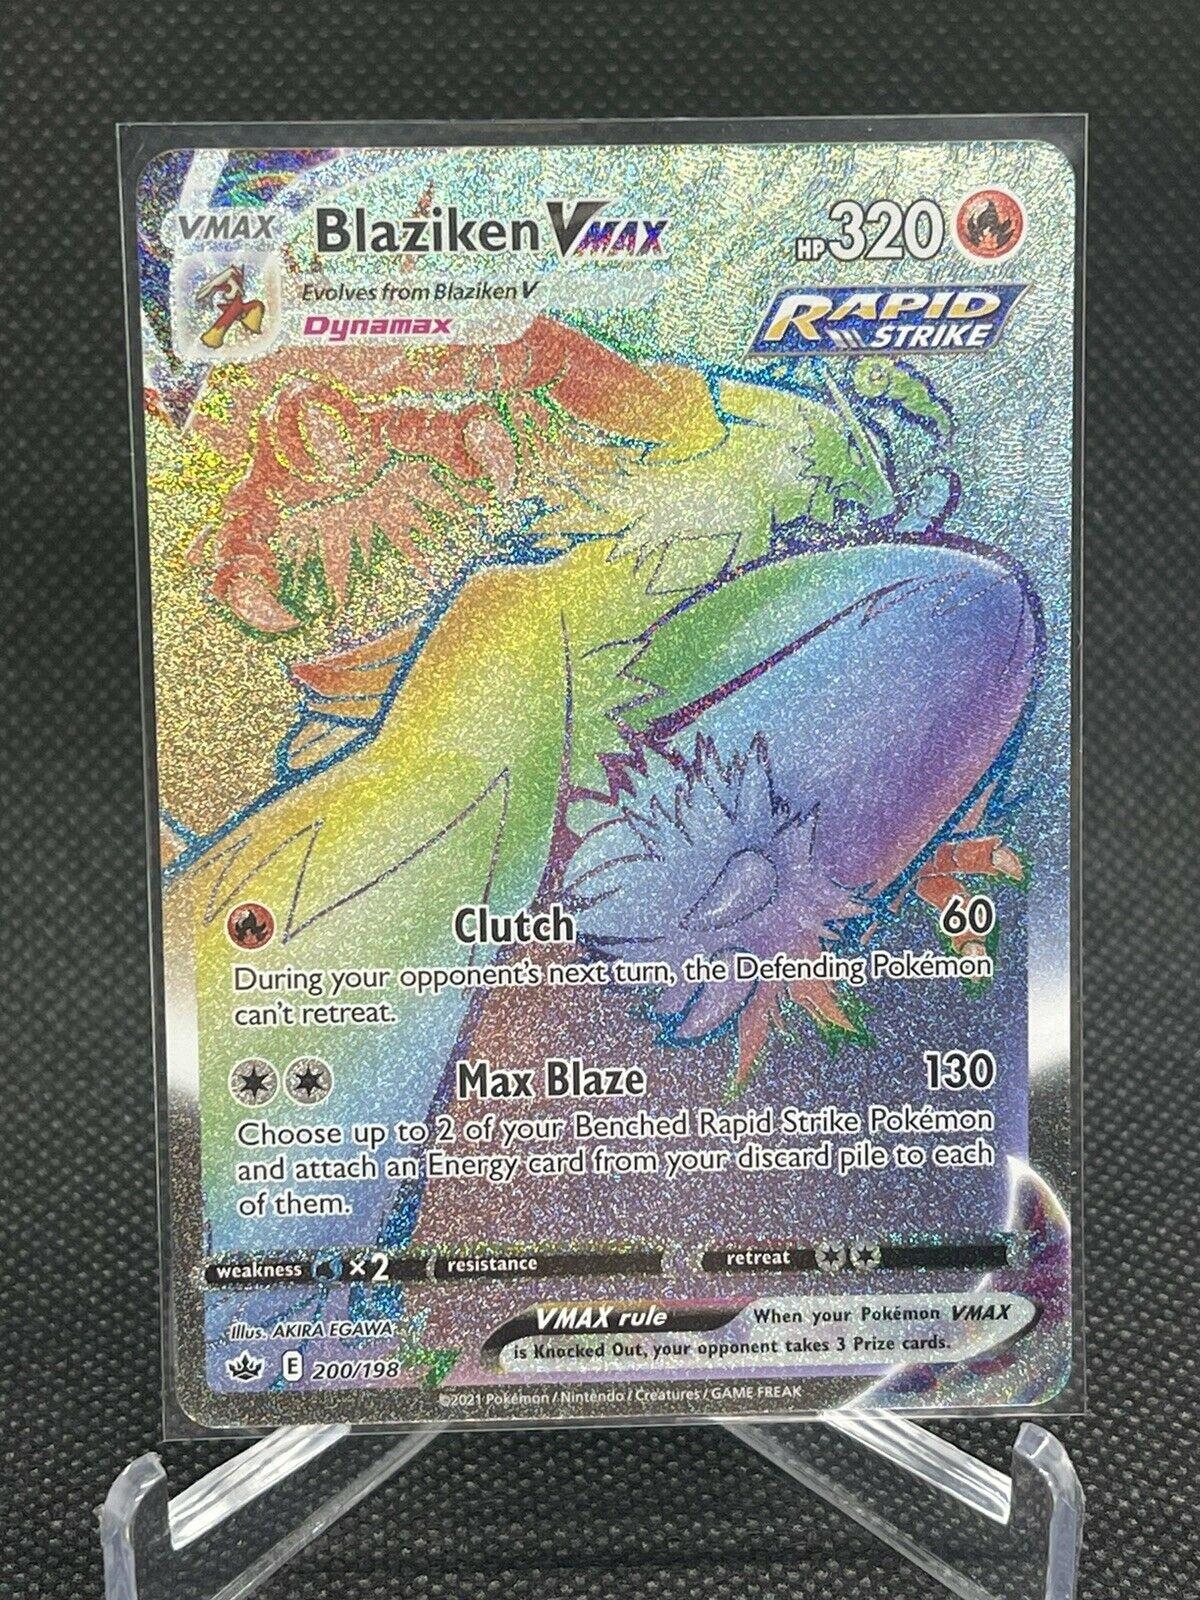 Blaziken Vmax - Secret Rainbow Rare - Pokémon - 200/198 - Chilling Reign - MINT